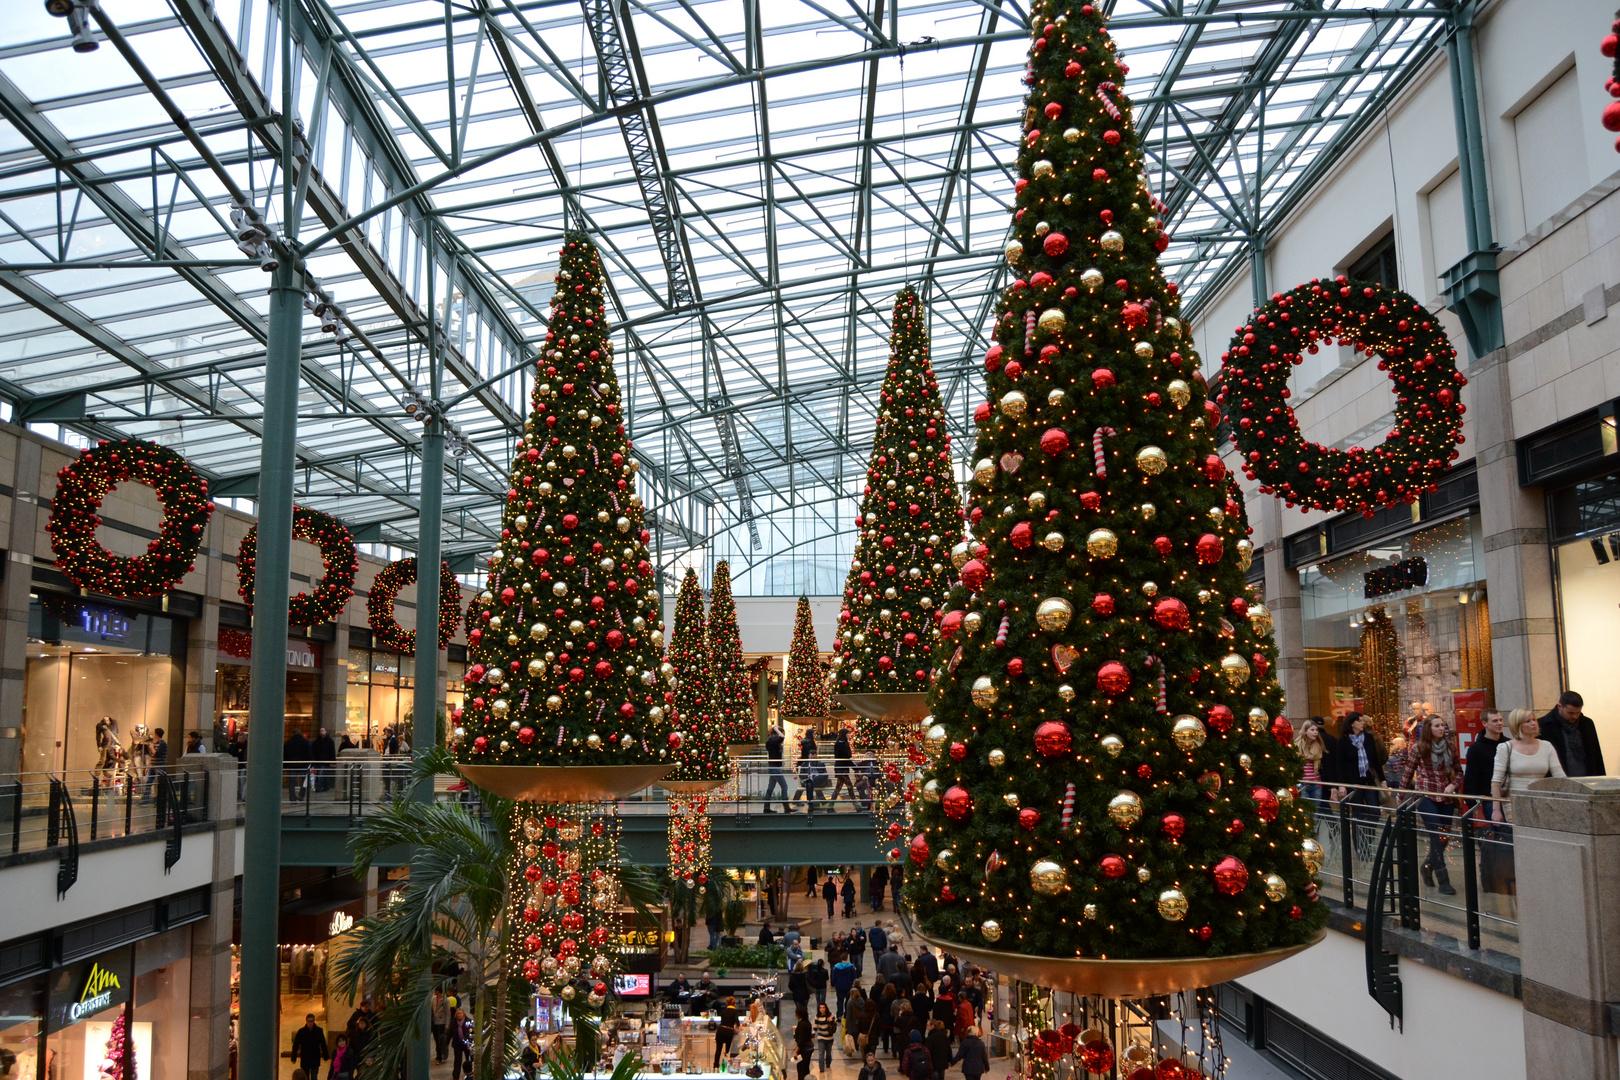 Noch mehr weihnachtsdeko im centro foto bild for Weihnachtsdeko bilder gratis